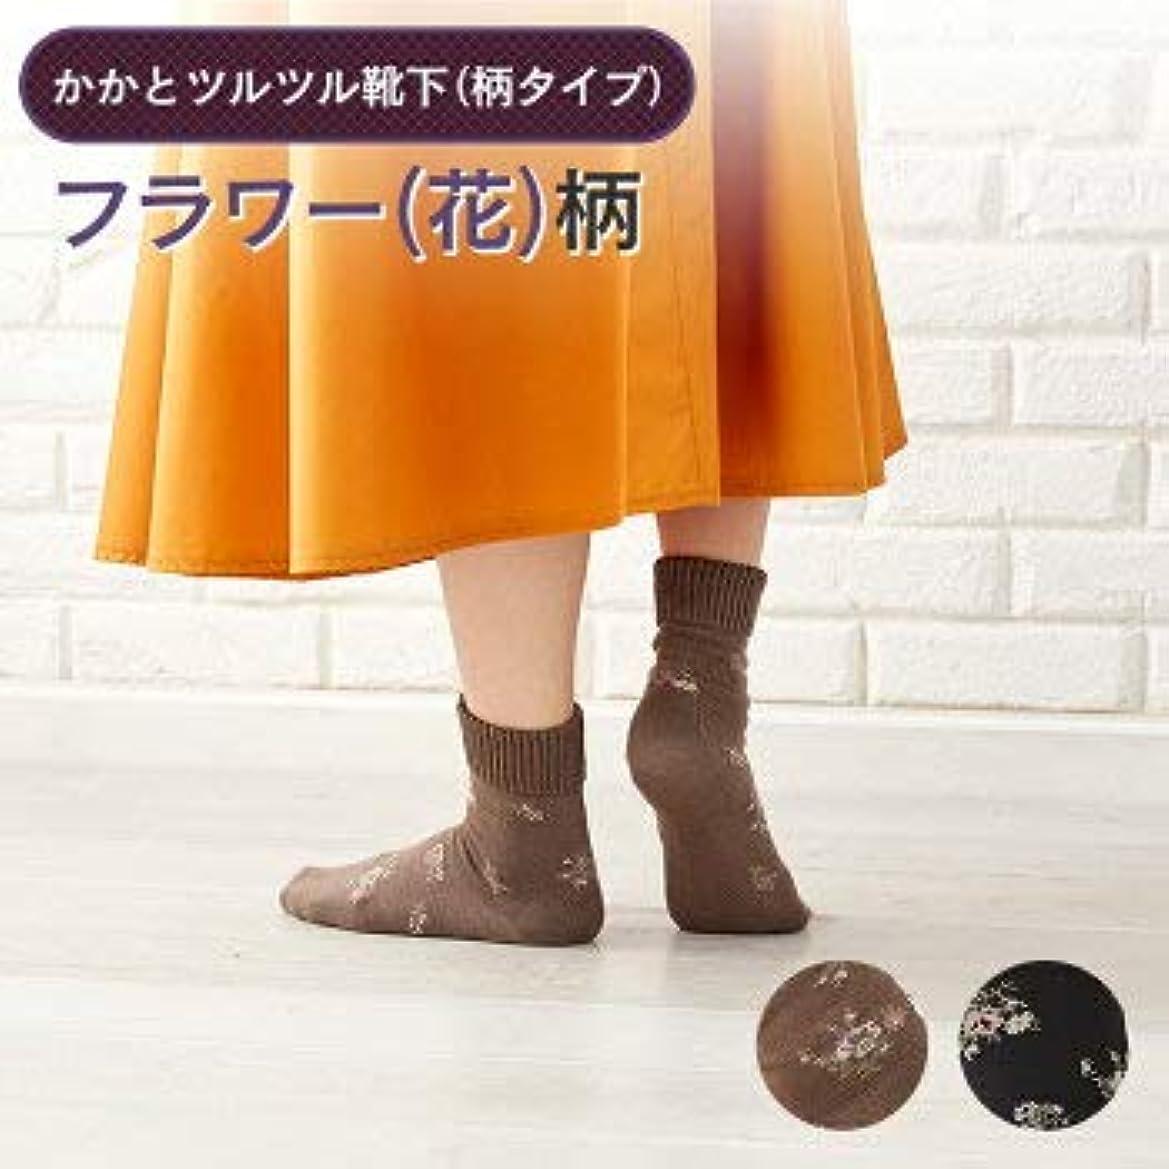 重なる参照鍔かかと 角質ケア ひび割れ対策 かかとツルツル靴下 花柄 ブラウン 23-25cm 太陽ニット 744